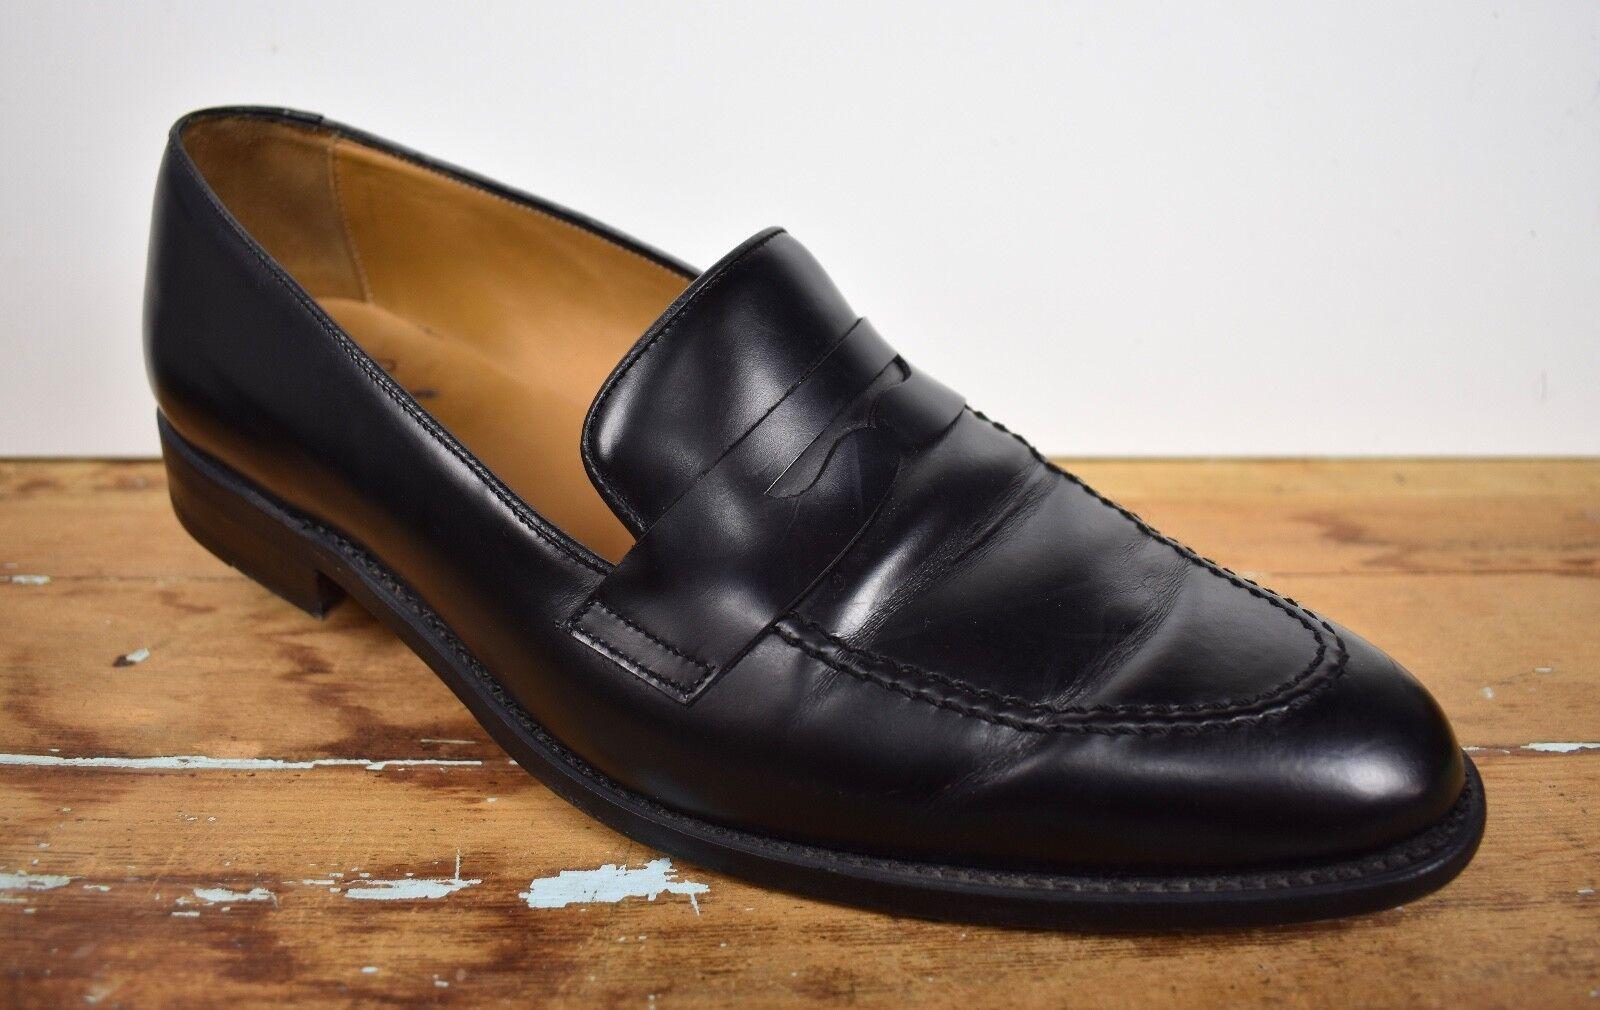 ci sono più marche di prodotti di alta qualità Quero scarpe nero Moc Toe Toe Toe Penny Loafer Uomo Dimensione  11D  ottima selezione e consegna rapida